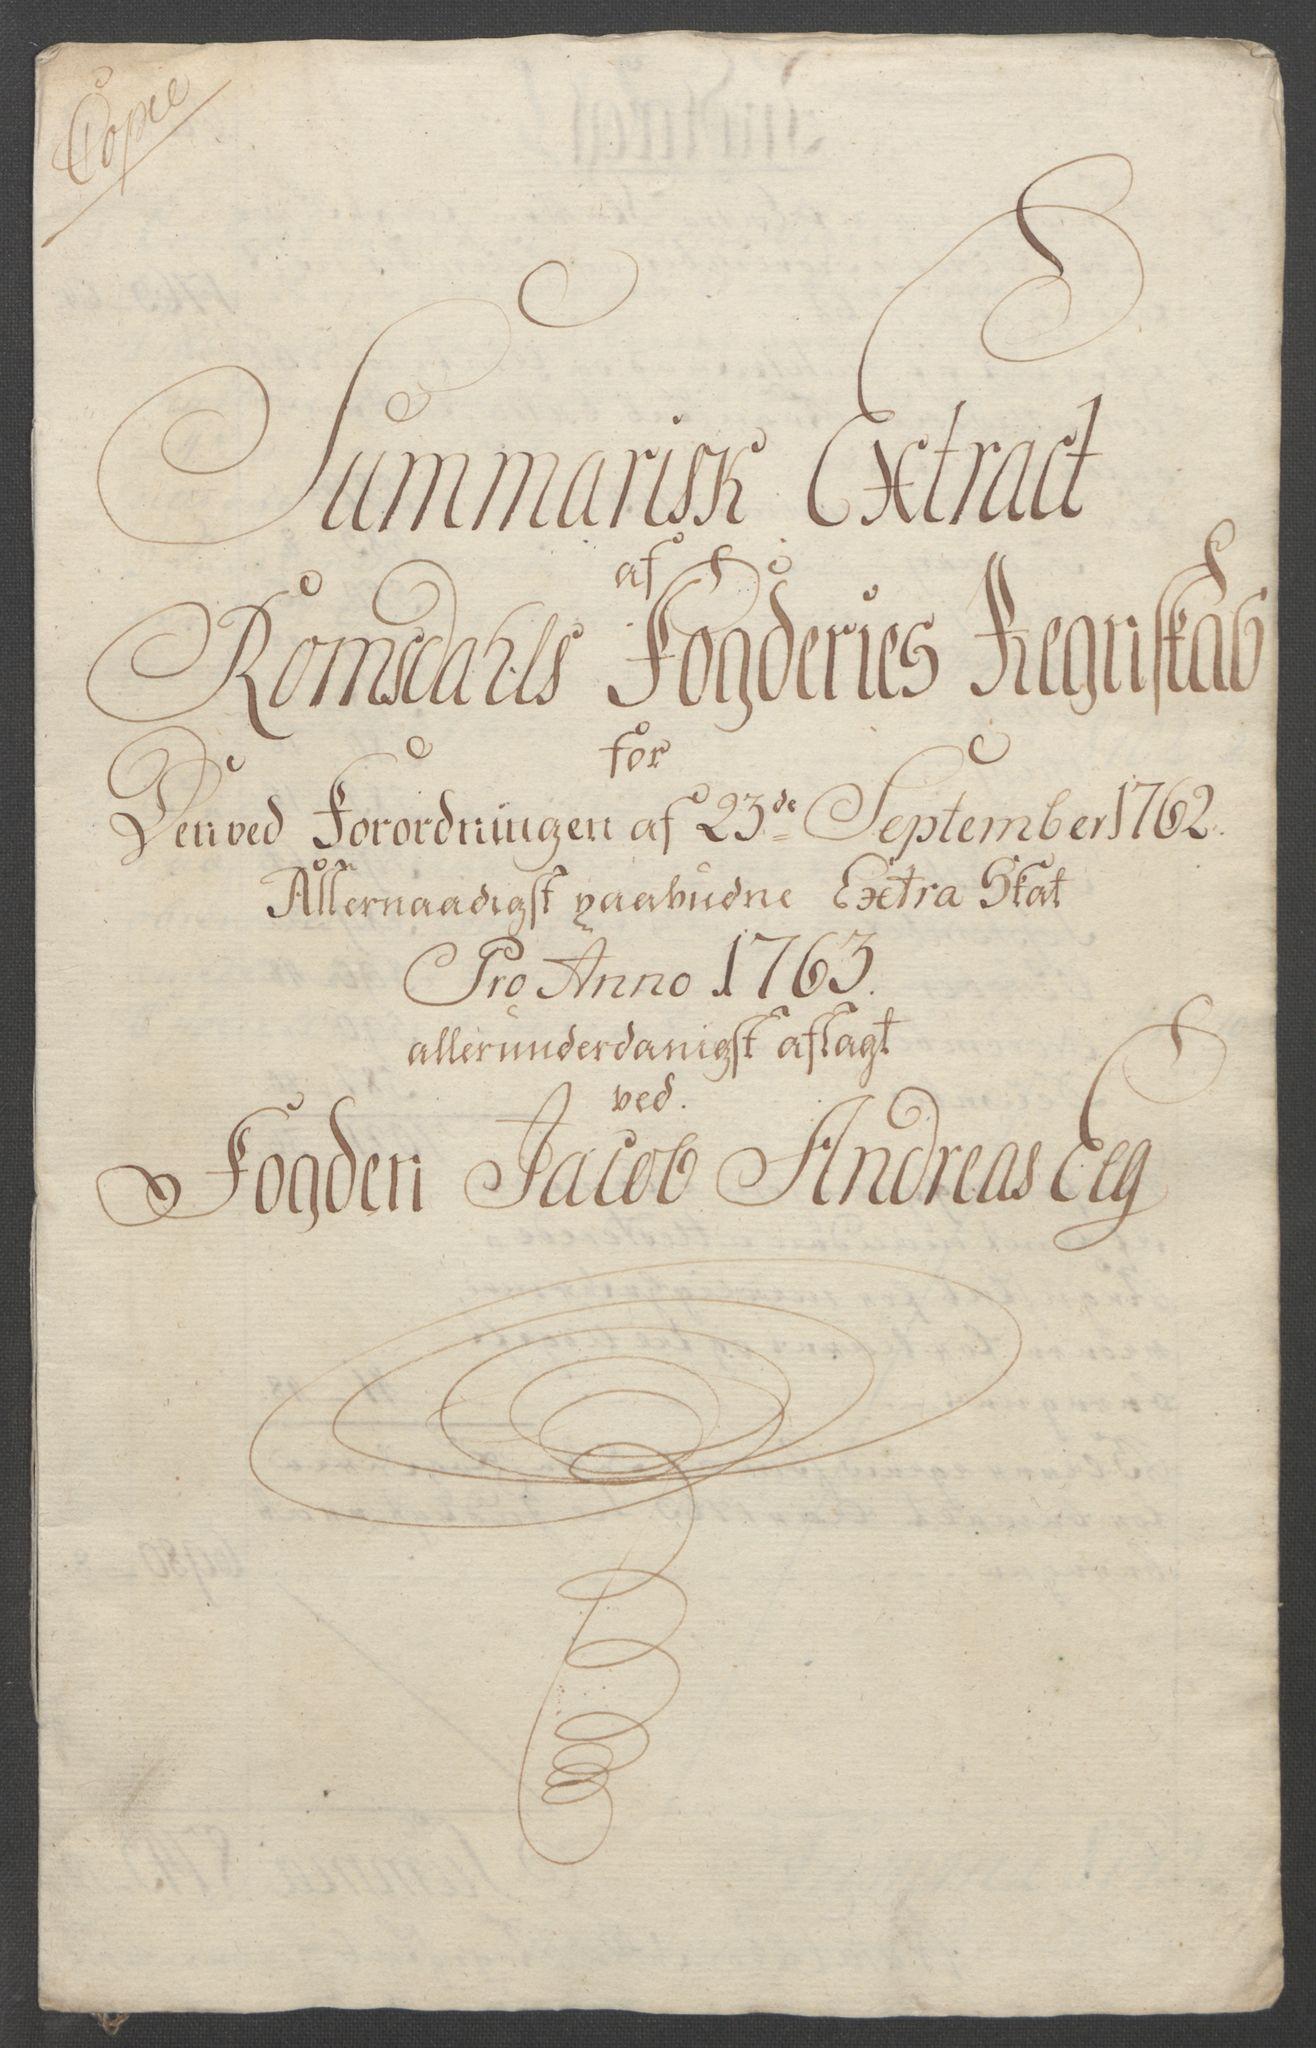 RA, Rentekammeret inntil 1814, Reviderte regnskaper, Fogderegnskap, R55/L3730: Ekstraskatten Romsdal, 1762-1763, s. 358